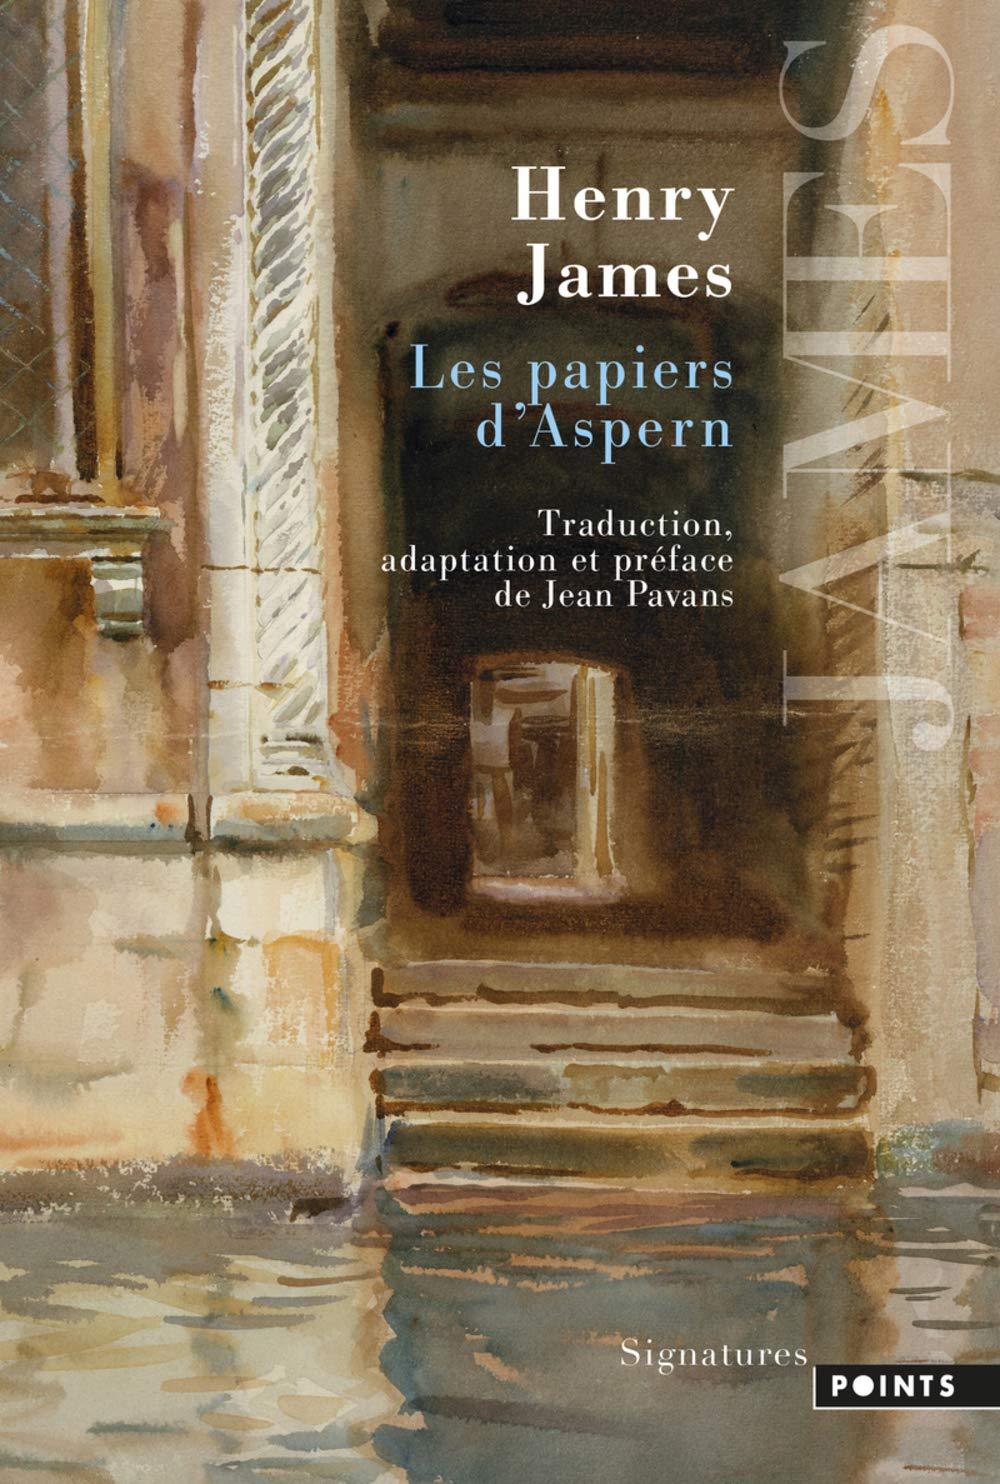 Amazon.fr - Les papiers d'Aspern - James, Henry, Pavans, Jean - Livres